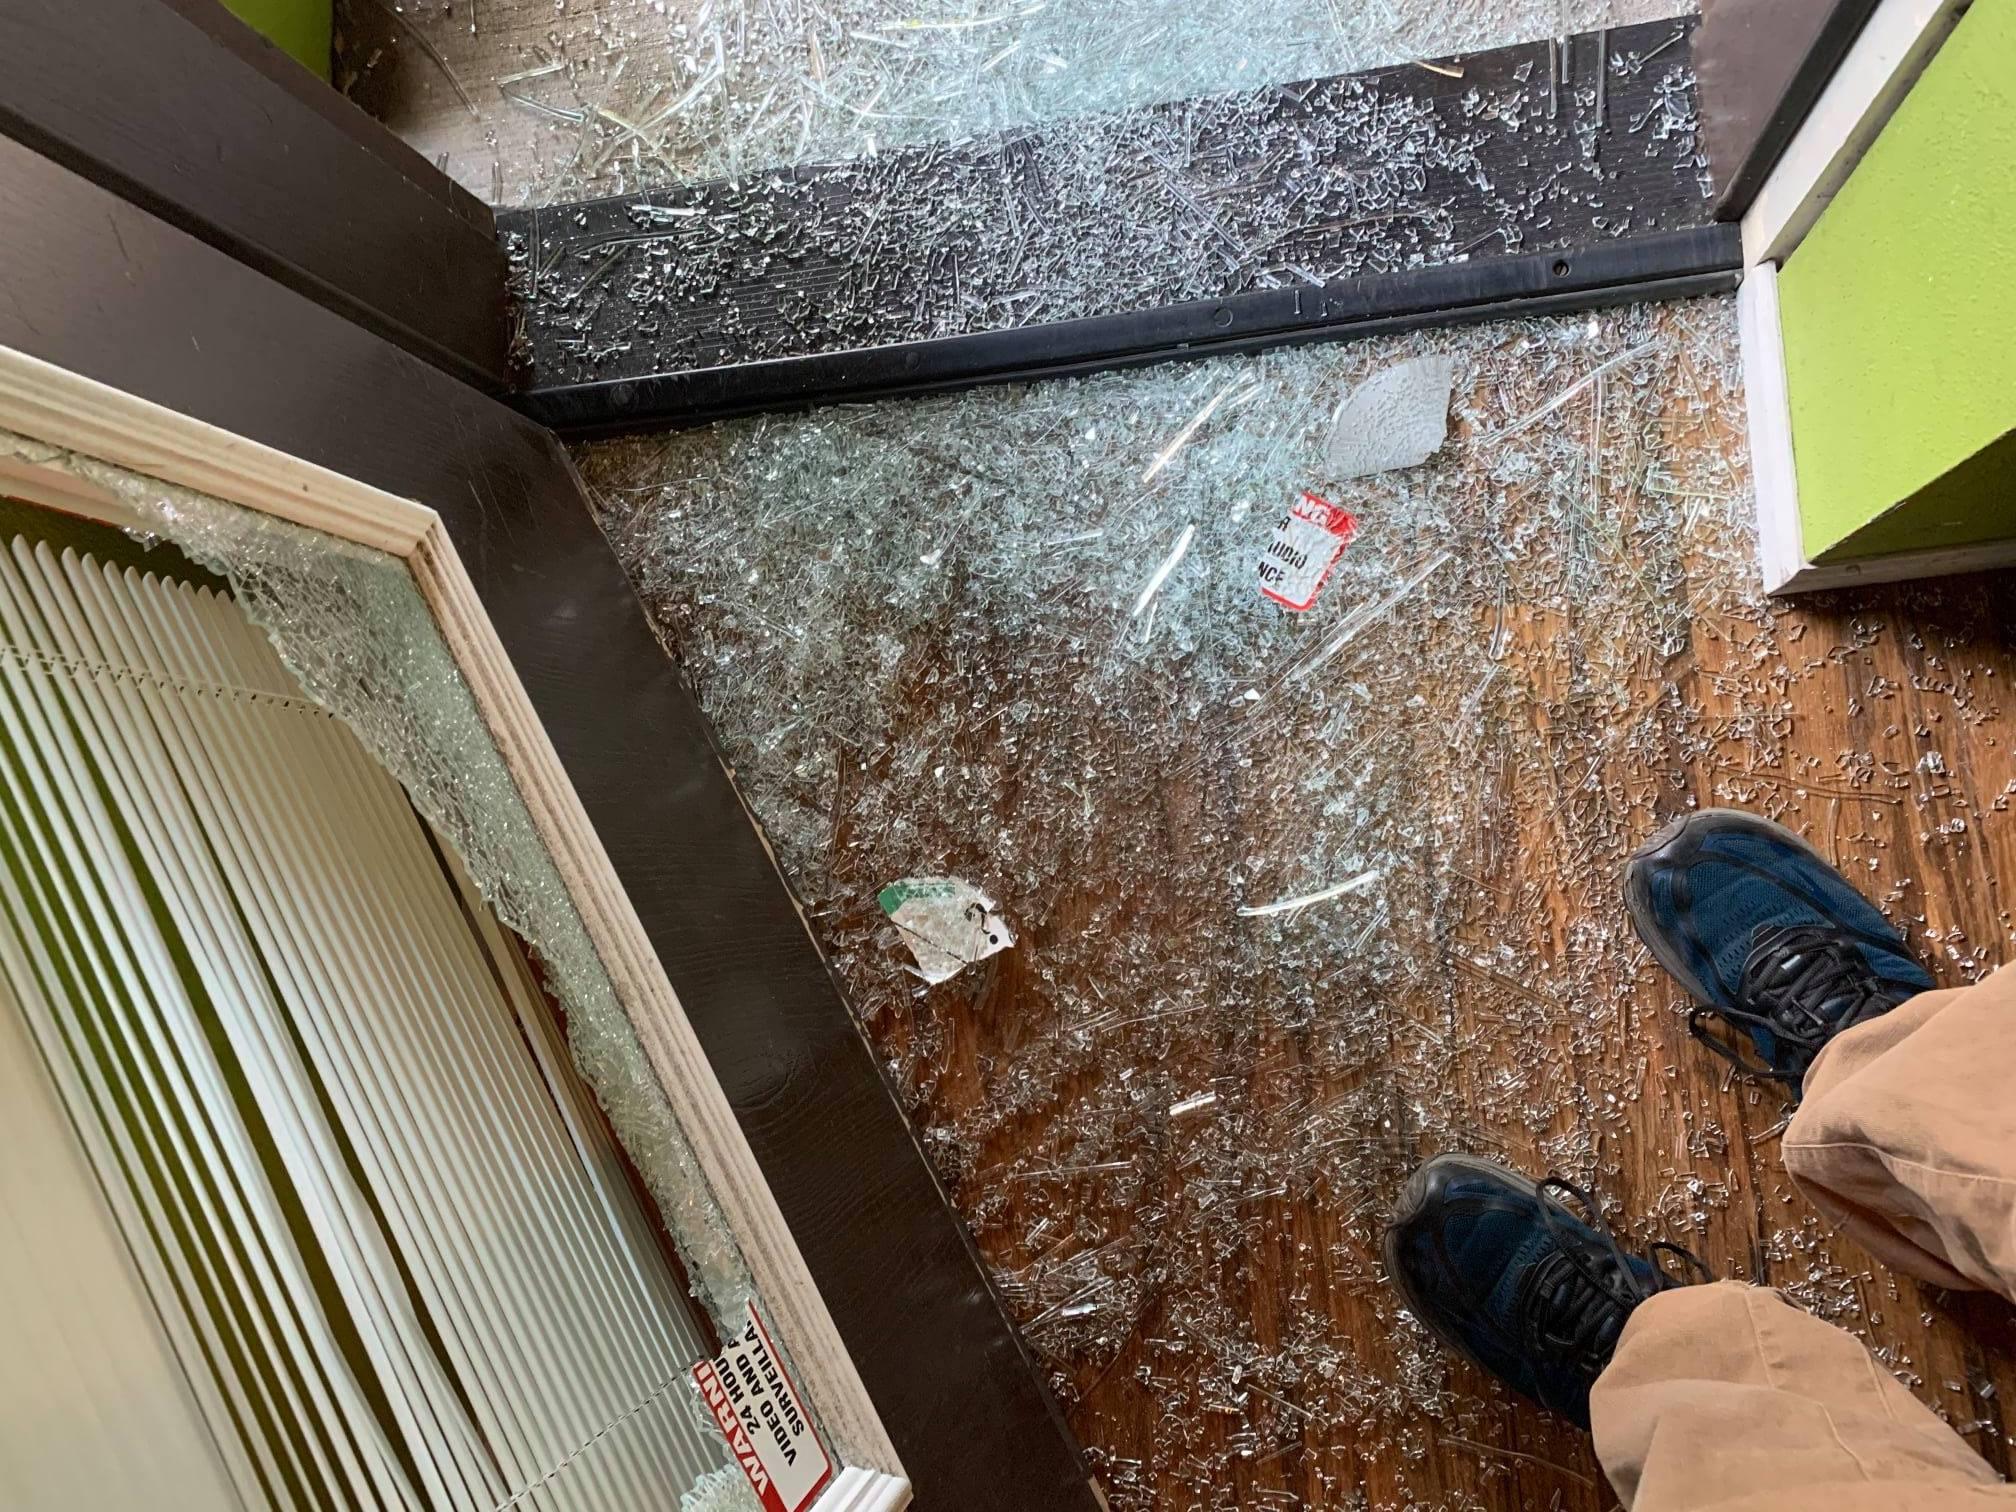 The broken back door of Pairings Wine Shop